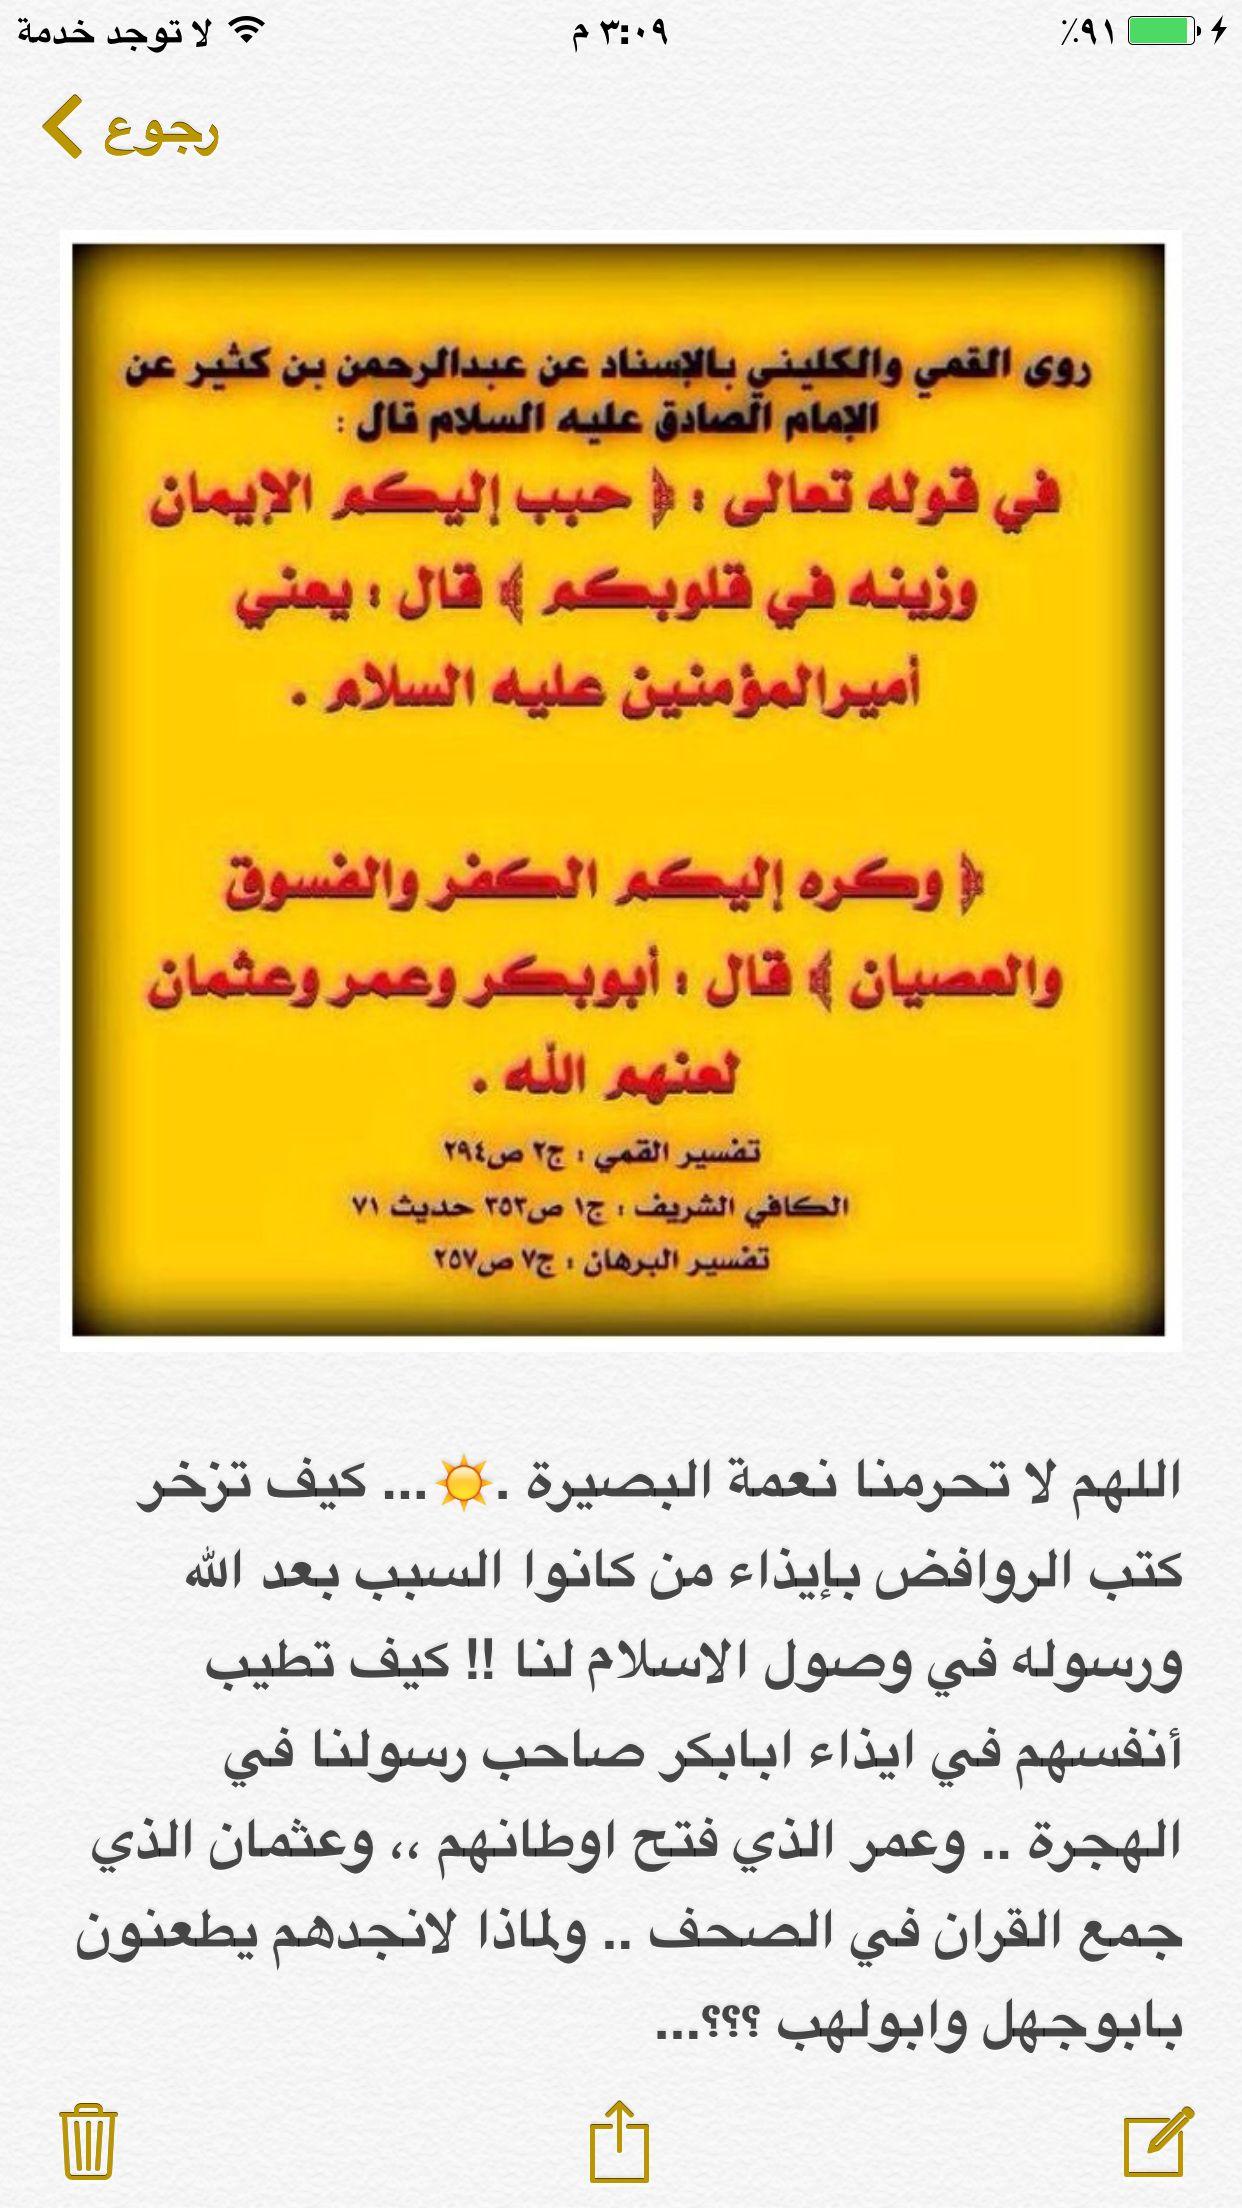 ايذاء الصحابه رضوان الله عليهم عند الشيعة الدين المزيف Islam Historia